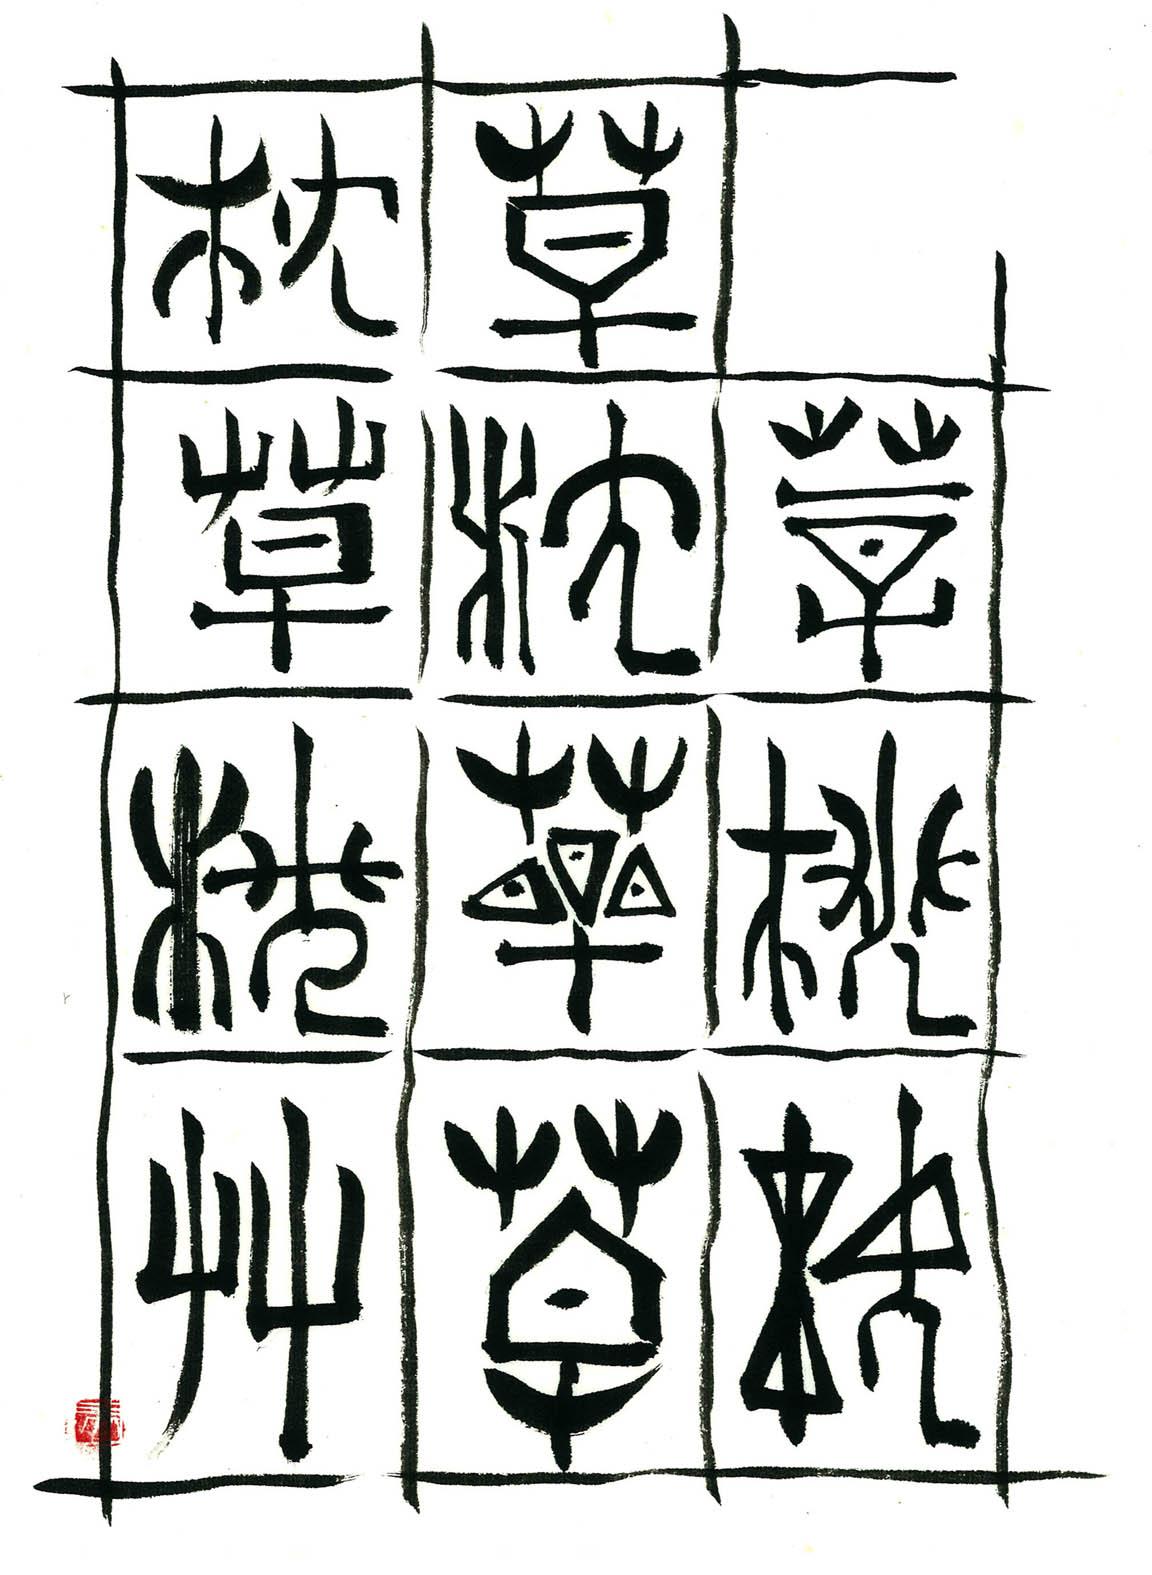 イギリス人フラナガン氏の夏目漱石「草枕」評論(日本語でーす)_a0098174_1533112.jpg